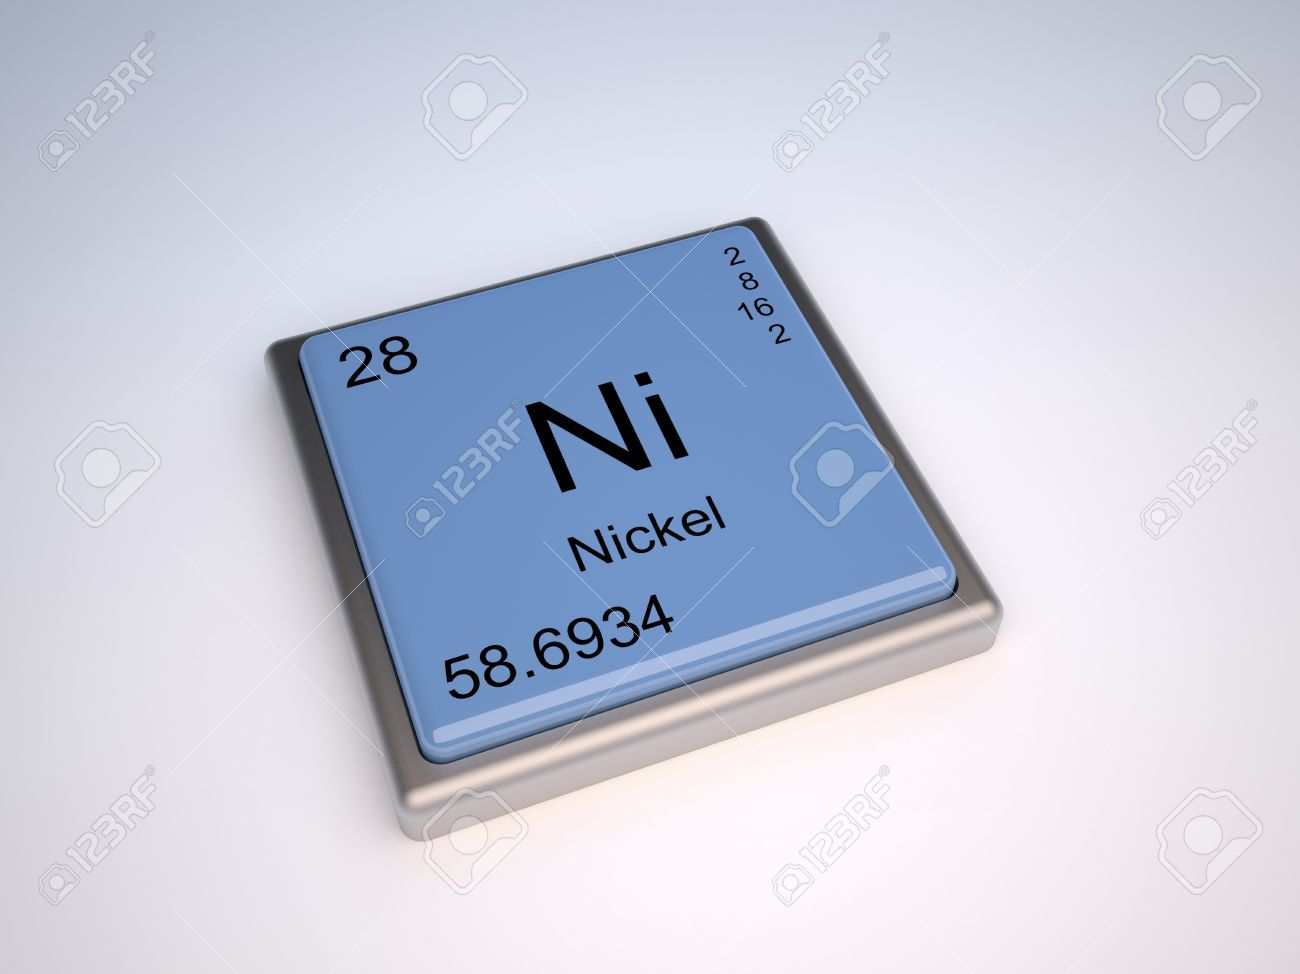 Elemento qumico de nquel de la tabla peridica con smbolo ni elemento qumico de nquel de la tabla peridica con smbolo ni foto de archivo 9257135 urtaz Choice Image